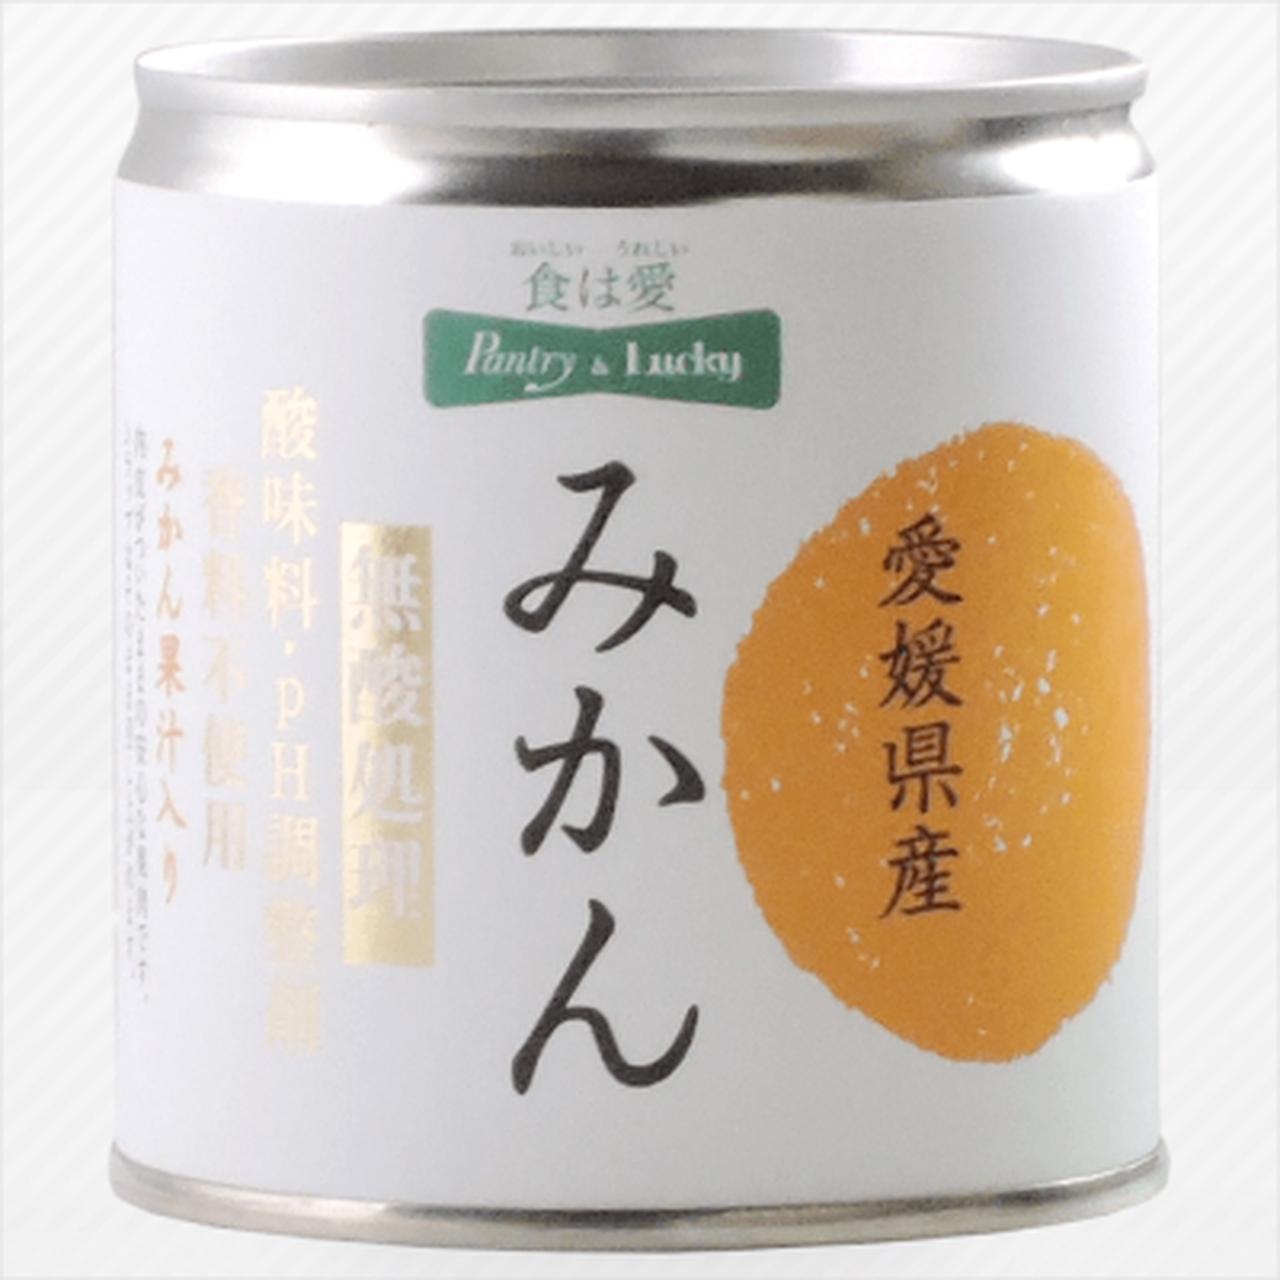 画像1: ③【オリジナル愛媛県産「みかん」と「しらぬい」の缶詰、各2つ】を3名様に!